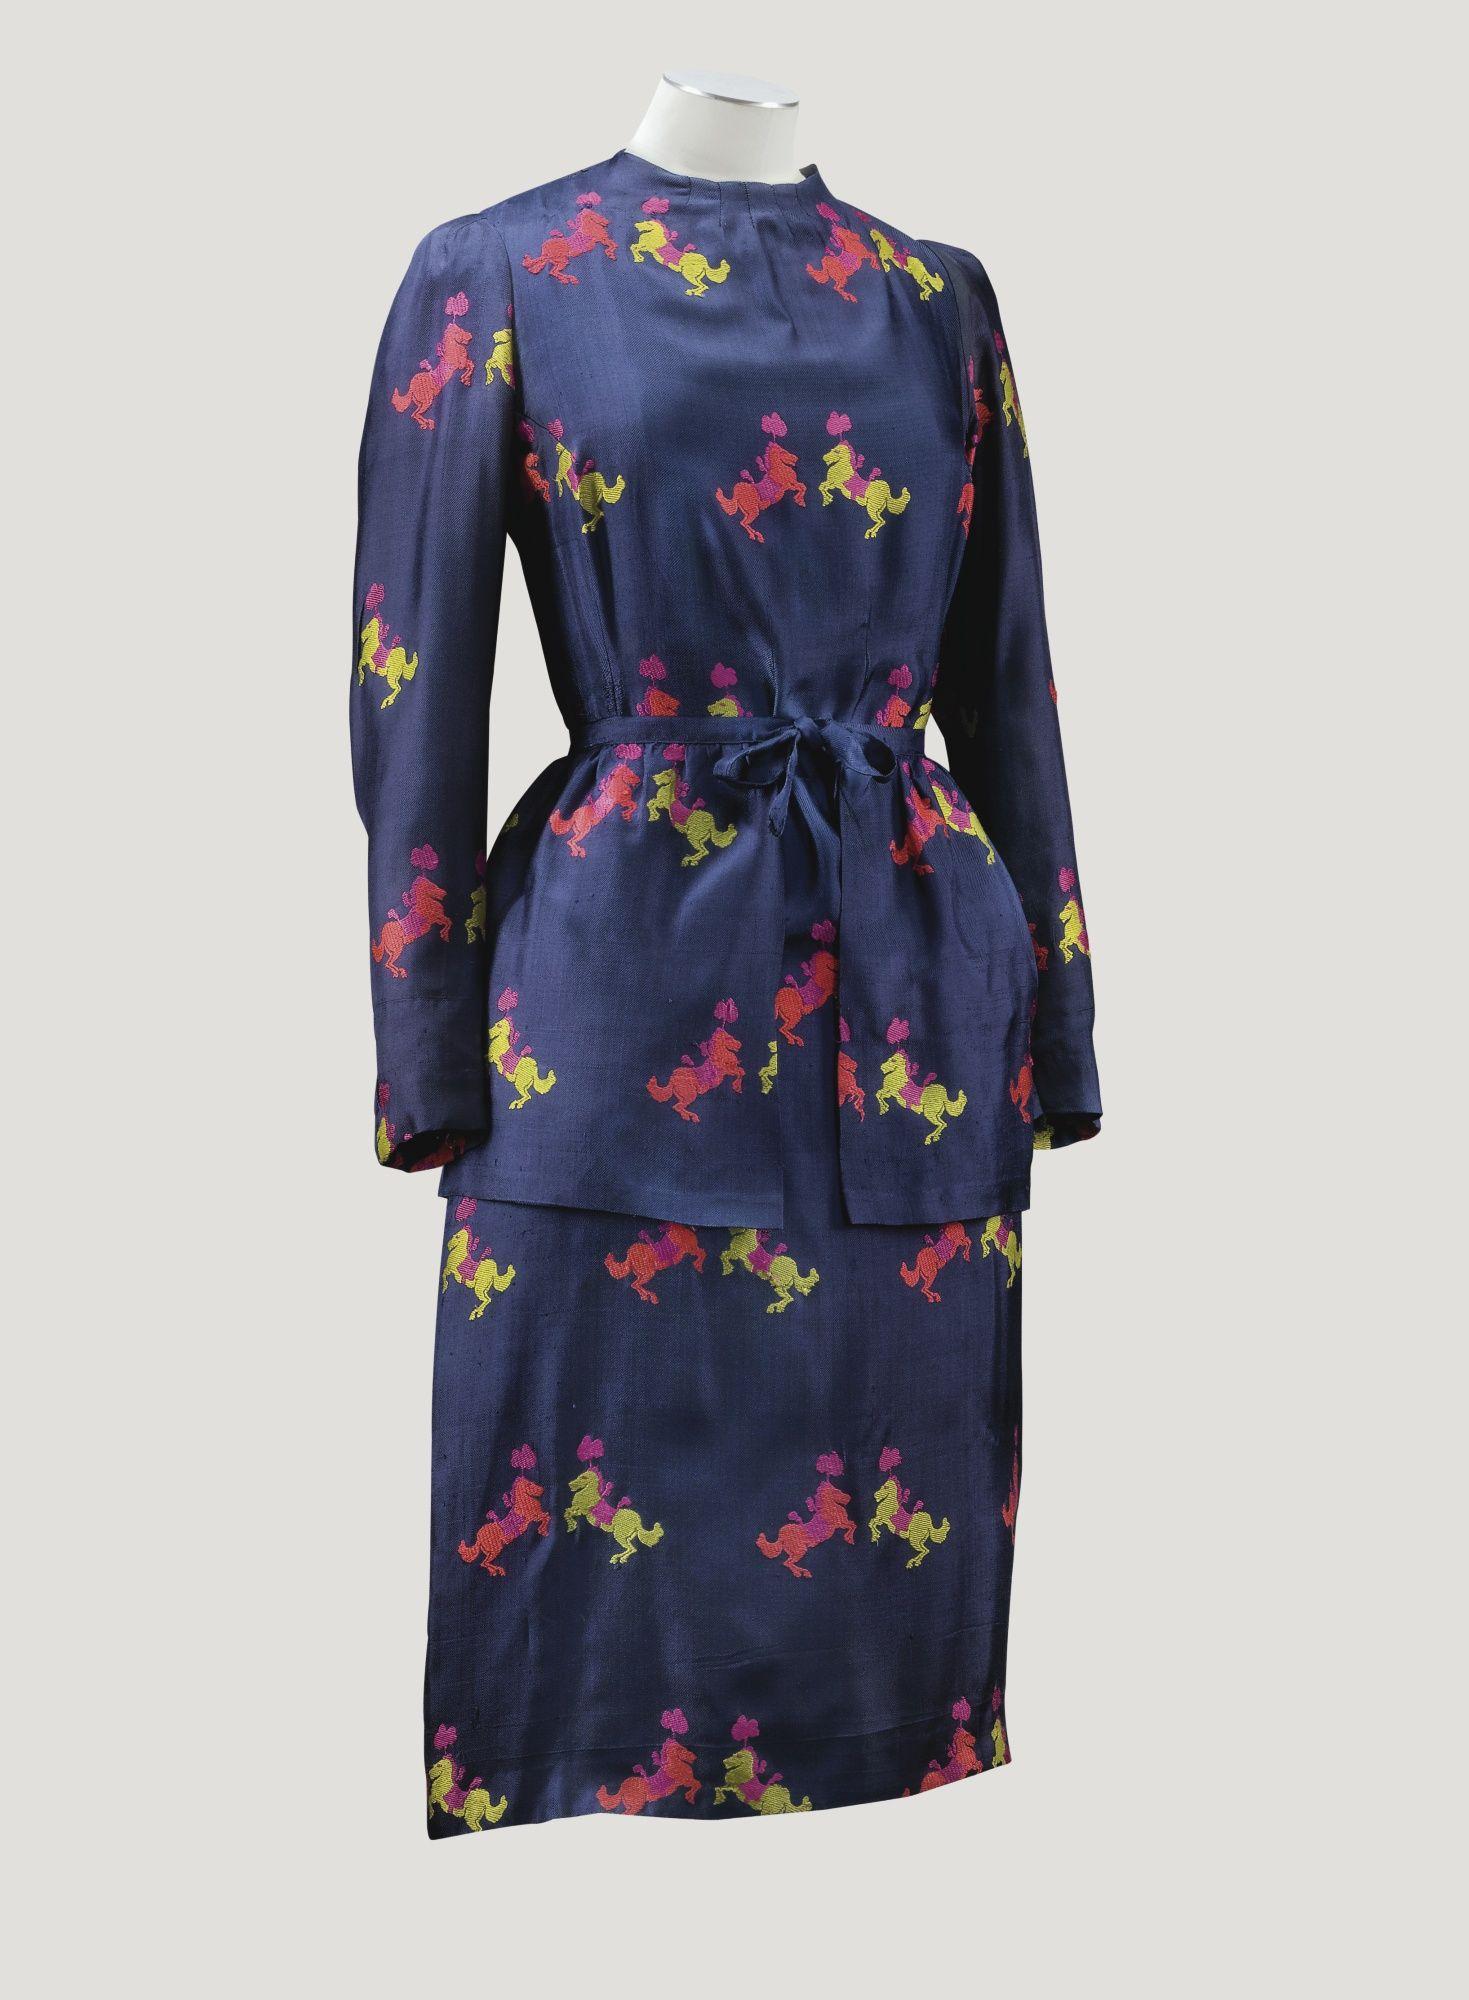 Robe en twill de soie indigo collection CIRQUE Haute Couture, printemps-été  1938 - Elsa SCHIAPARELLI 5ae0ed2ba14